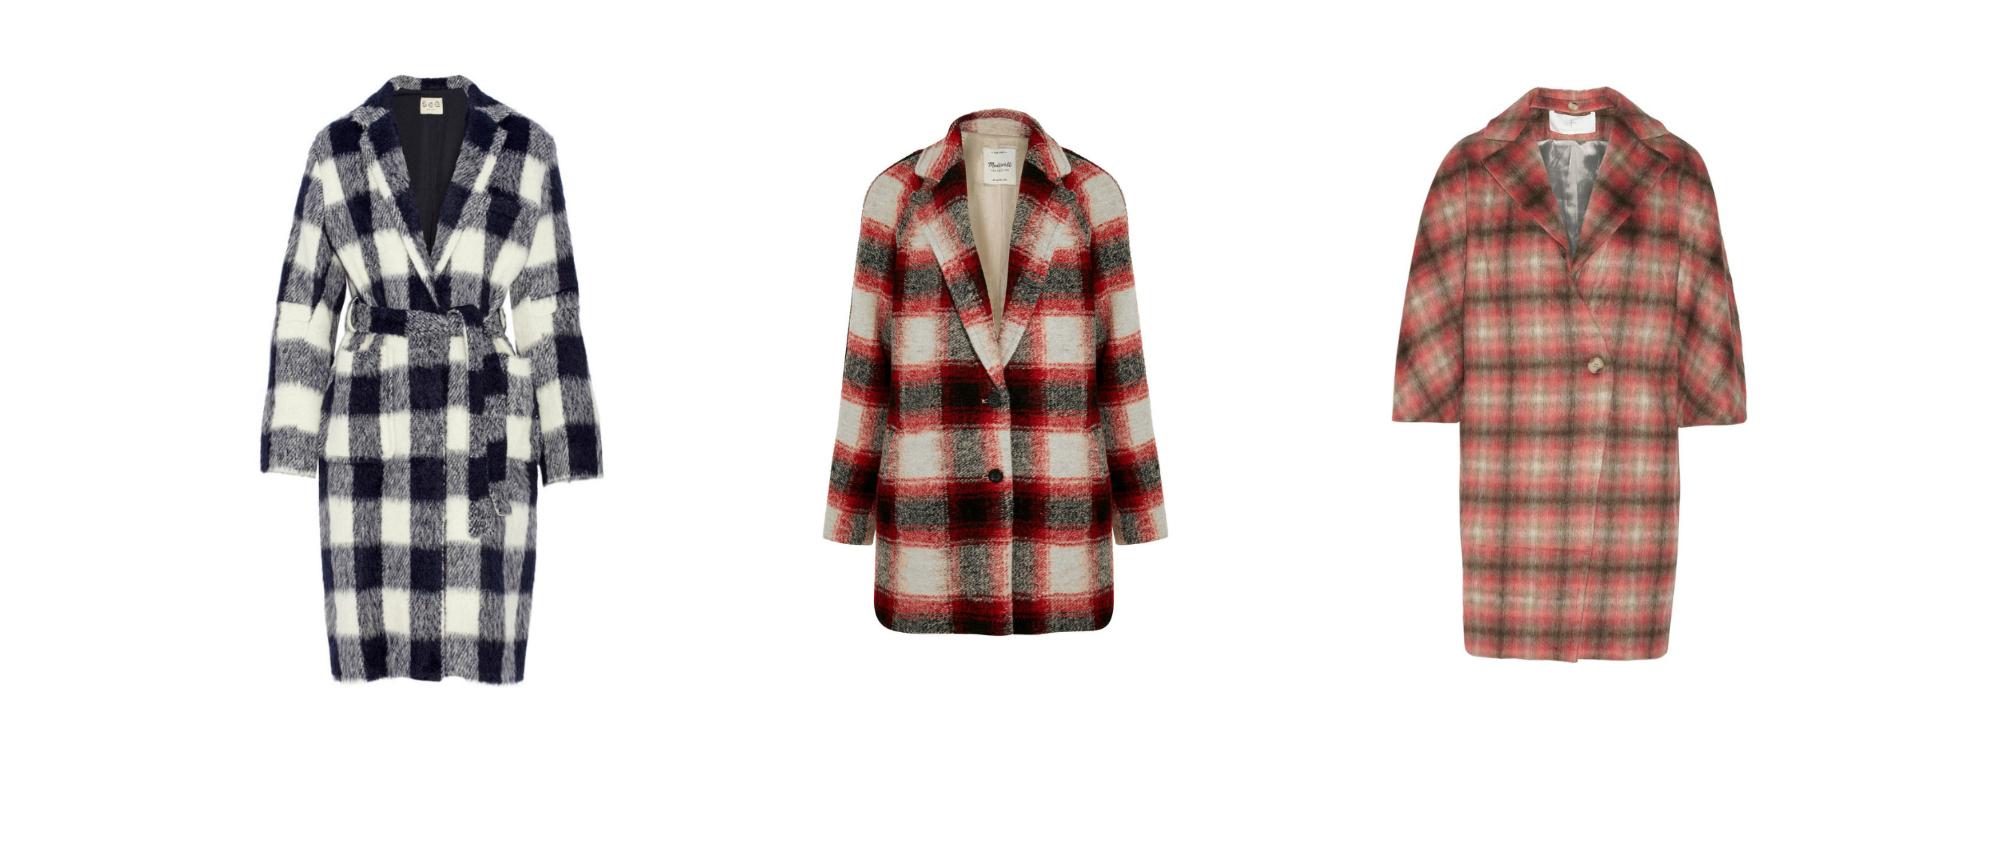 Coats 1A